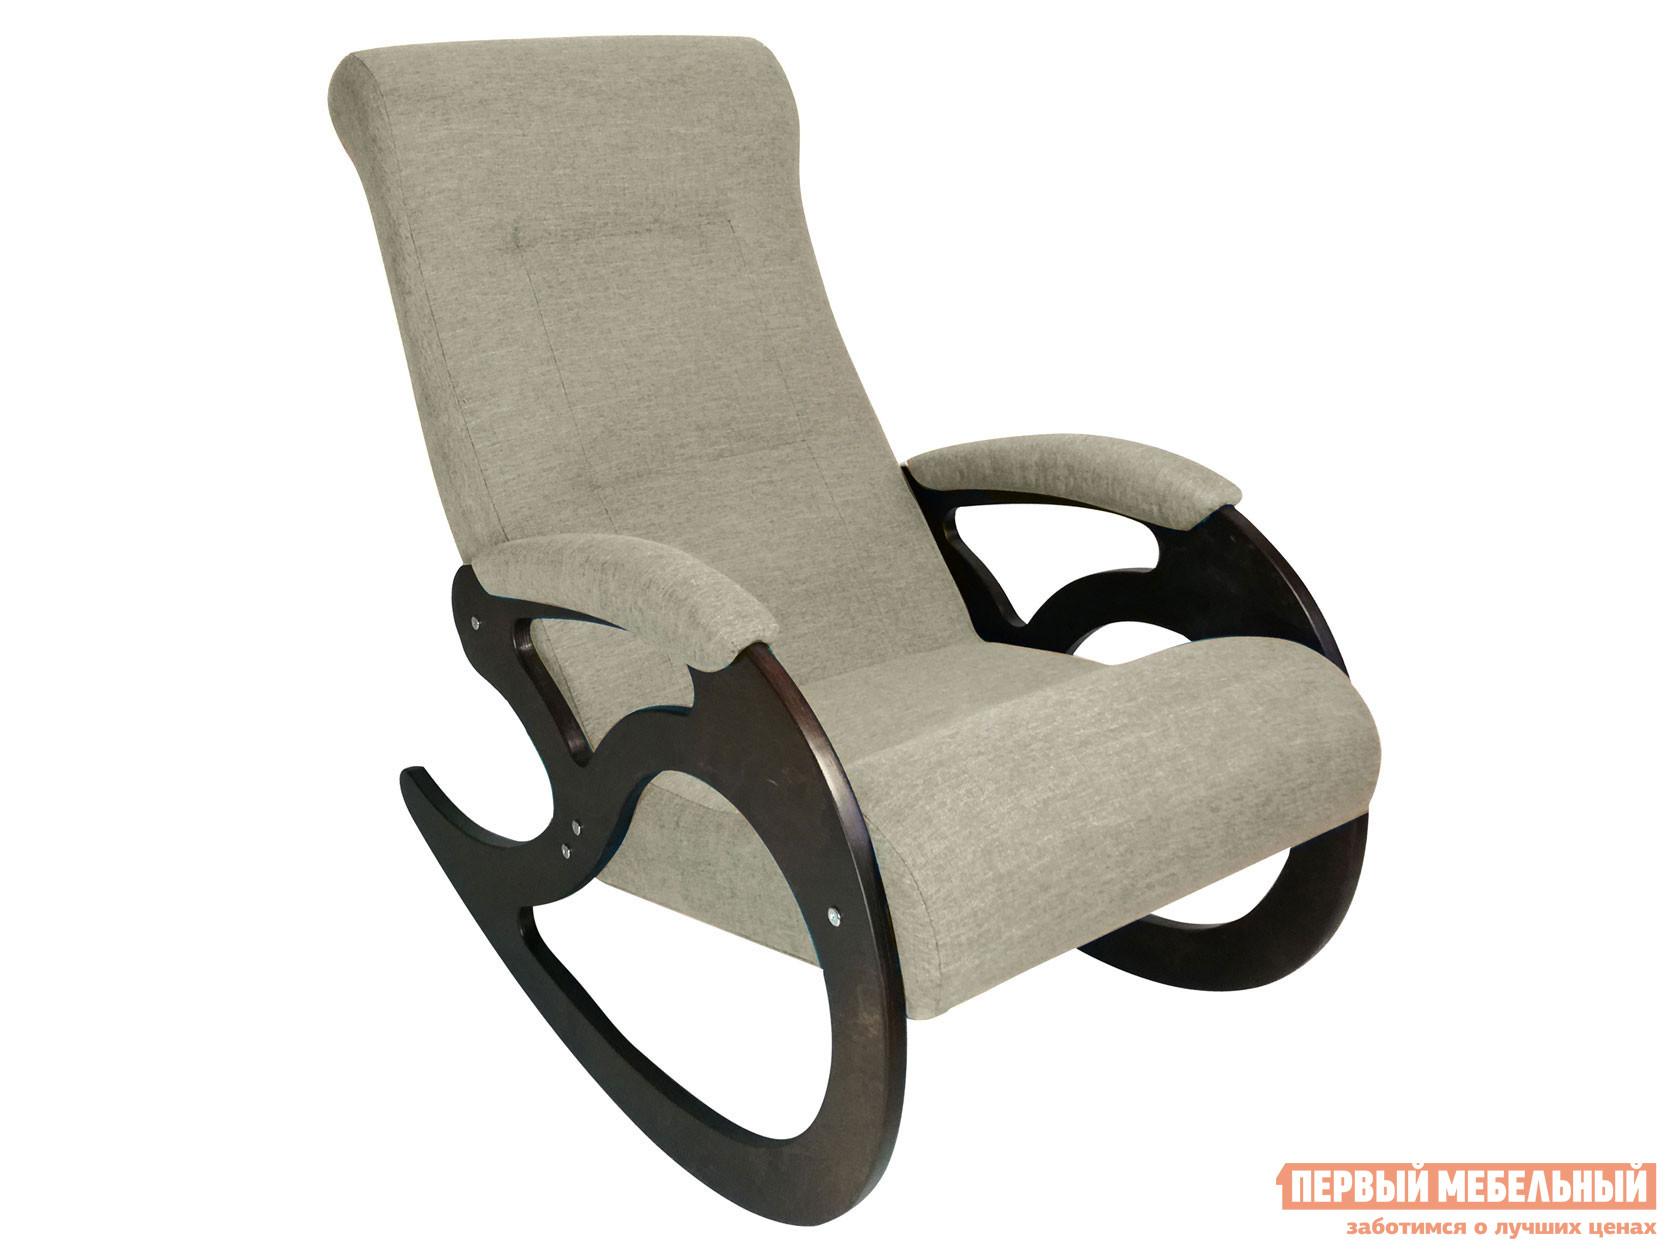 Кресло-качалка  Венера Серебристый, рогожка / Темный орех Мебвилл 127331